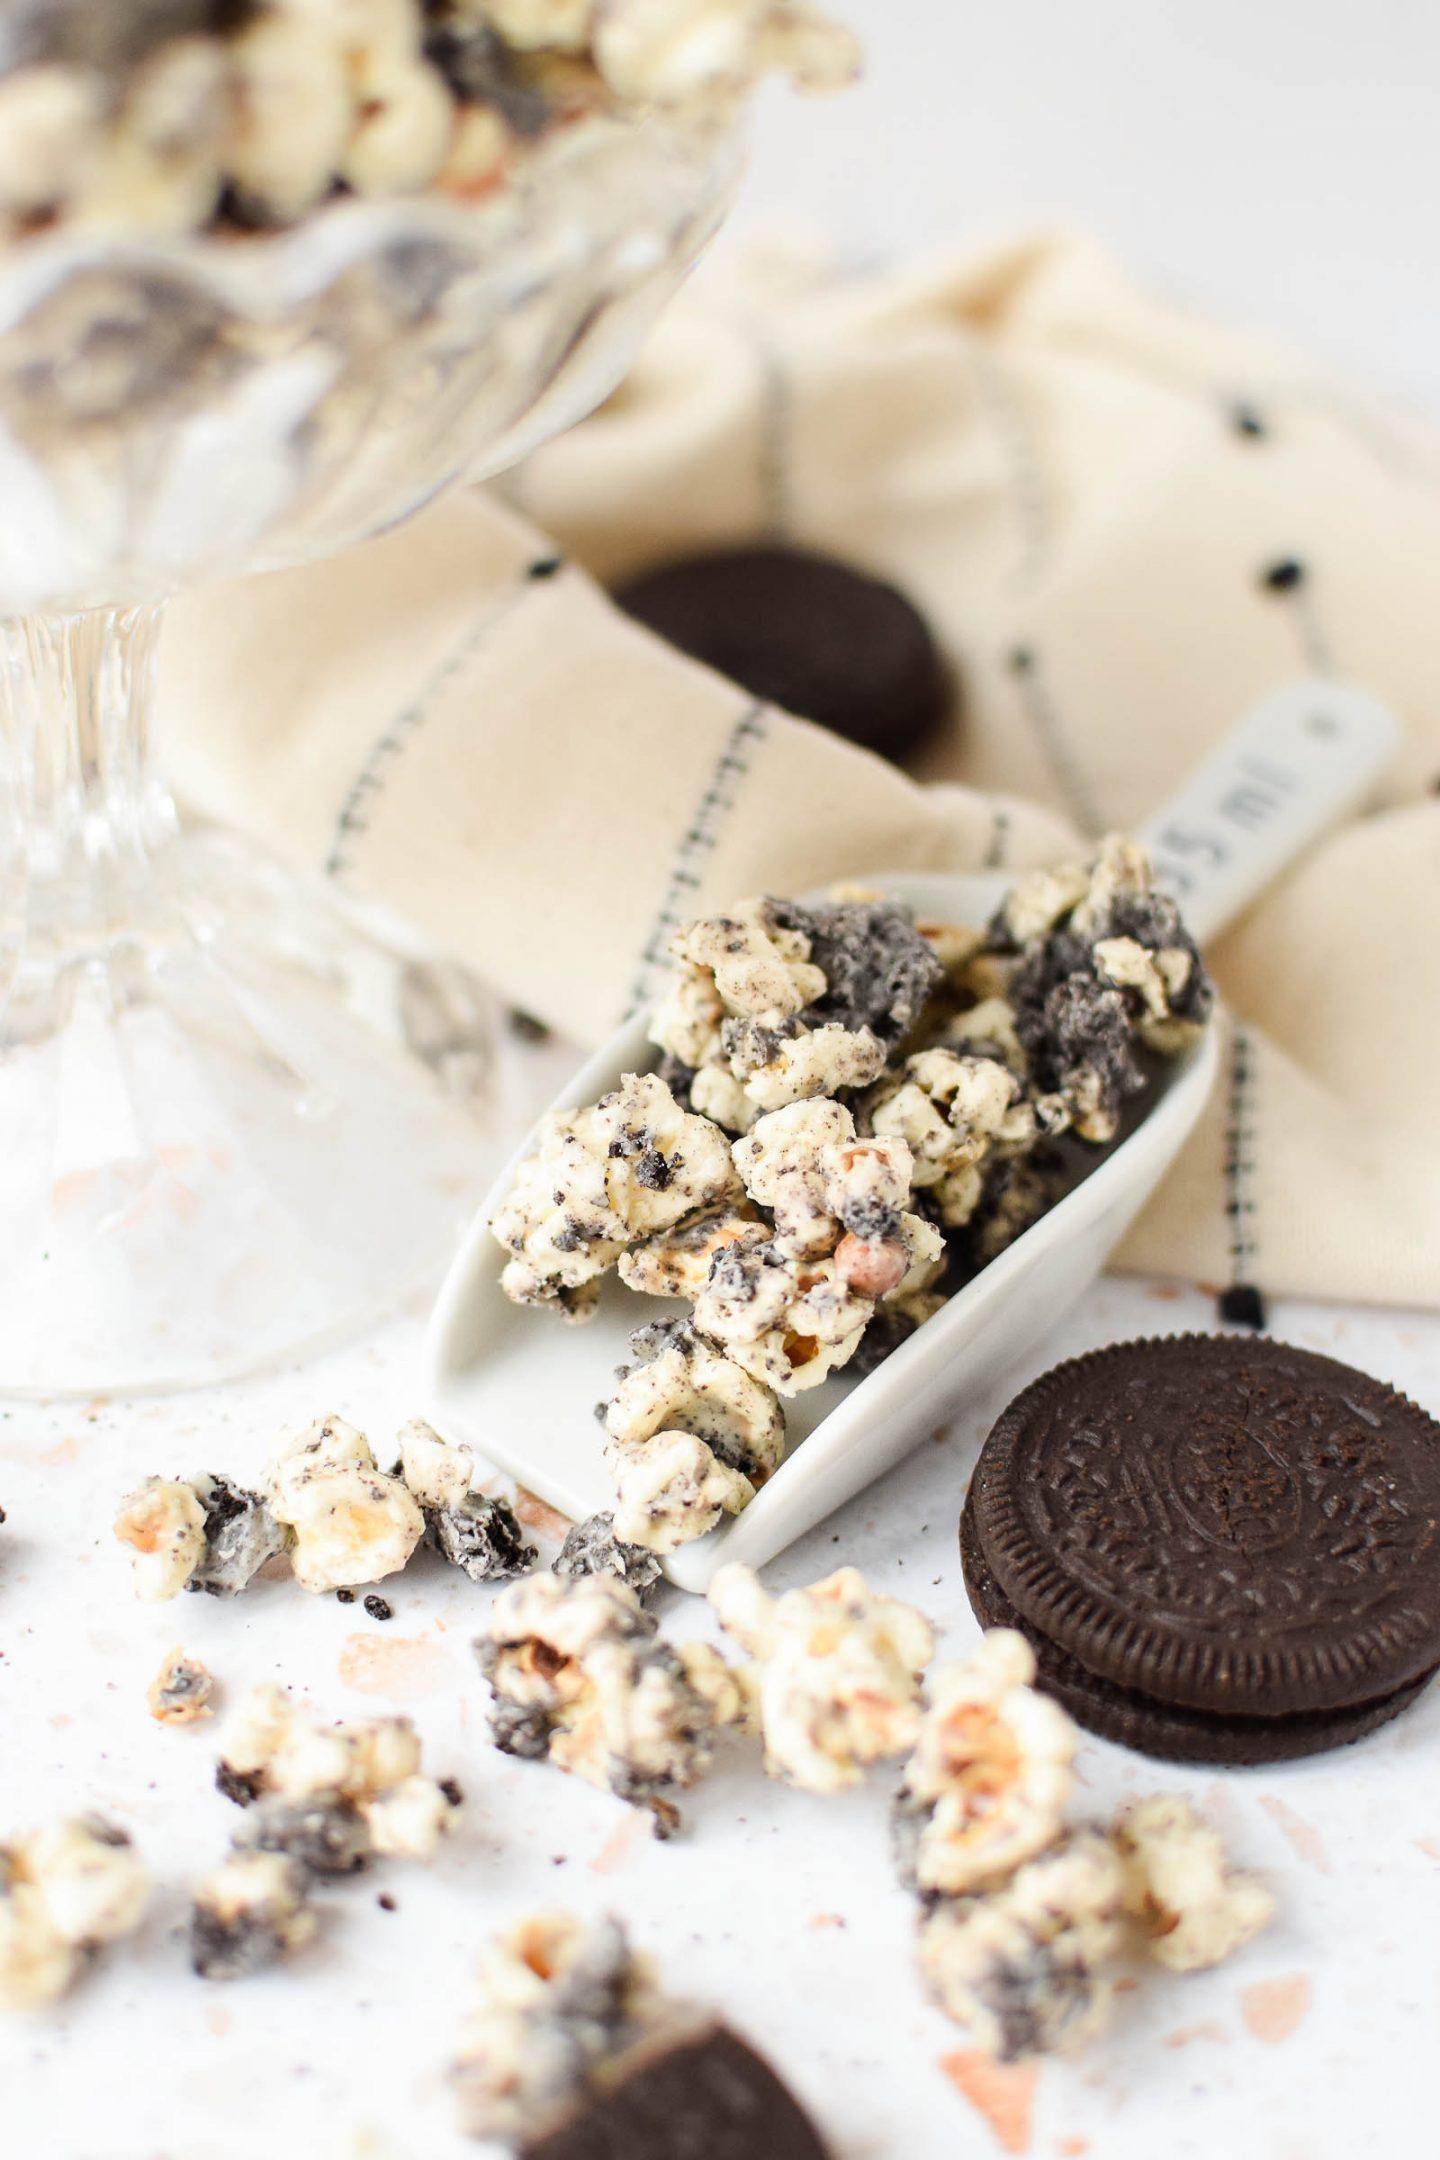 Tiny scoop full of Oreo Popcorn